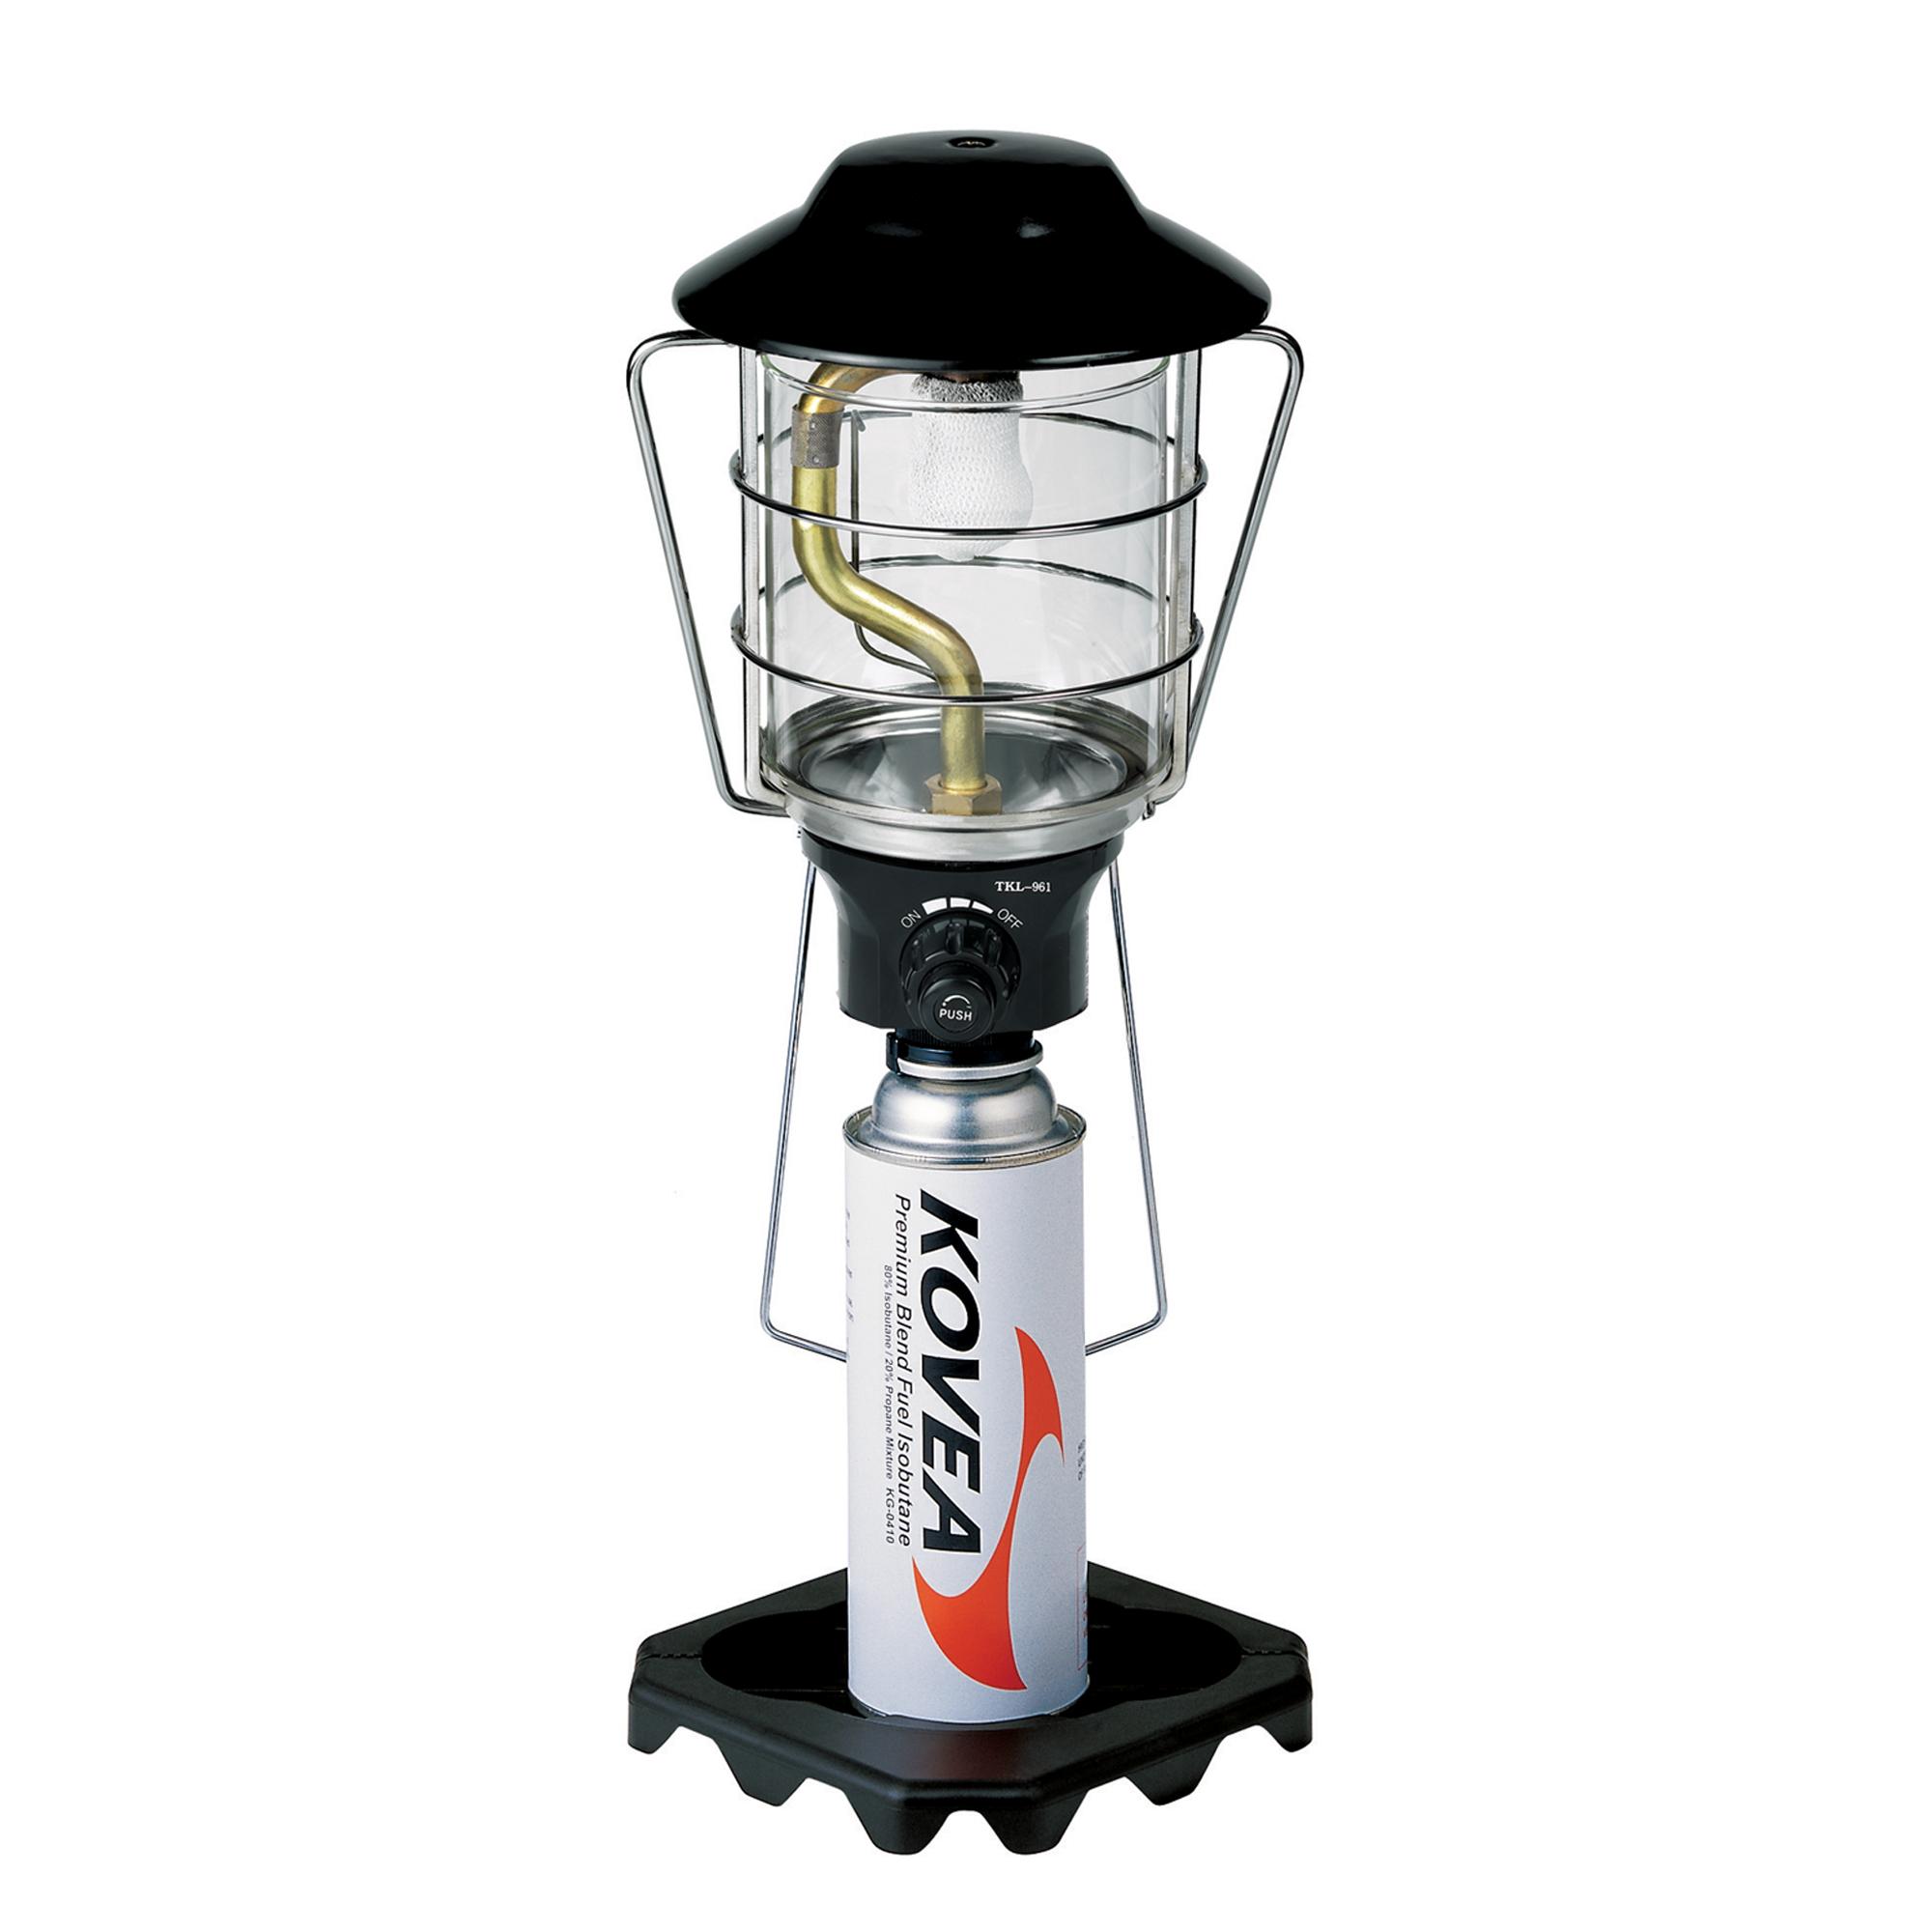 Фото 10 - Газовая лампа Kovea Lighthouse Gas Lantern TKL-961